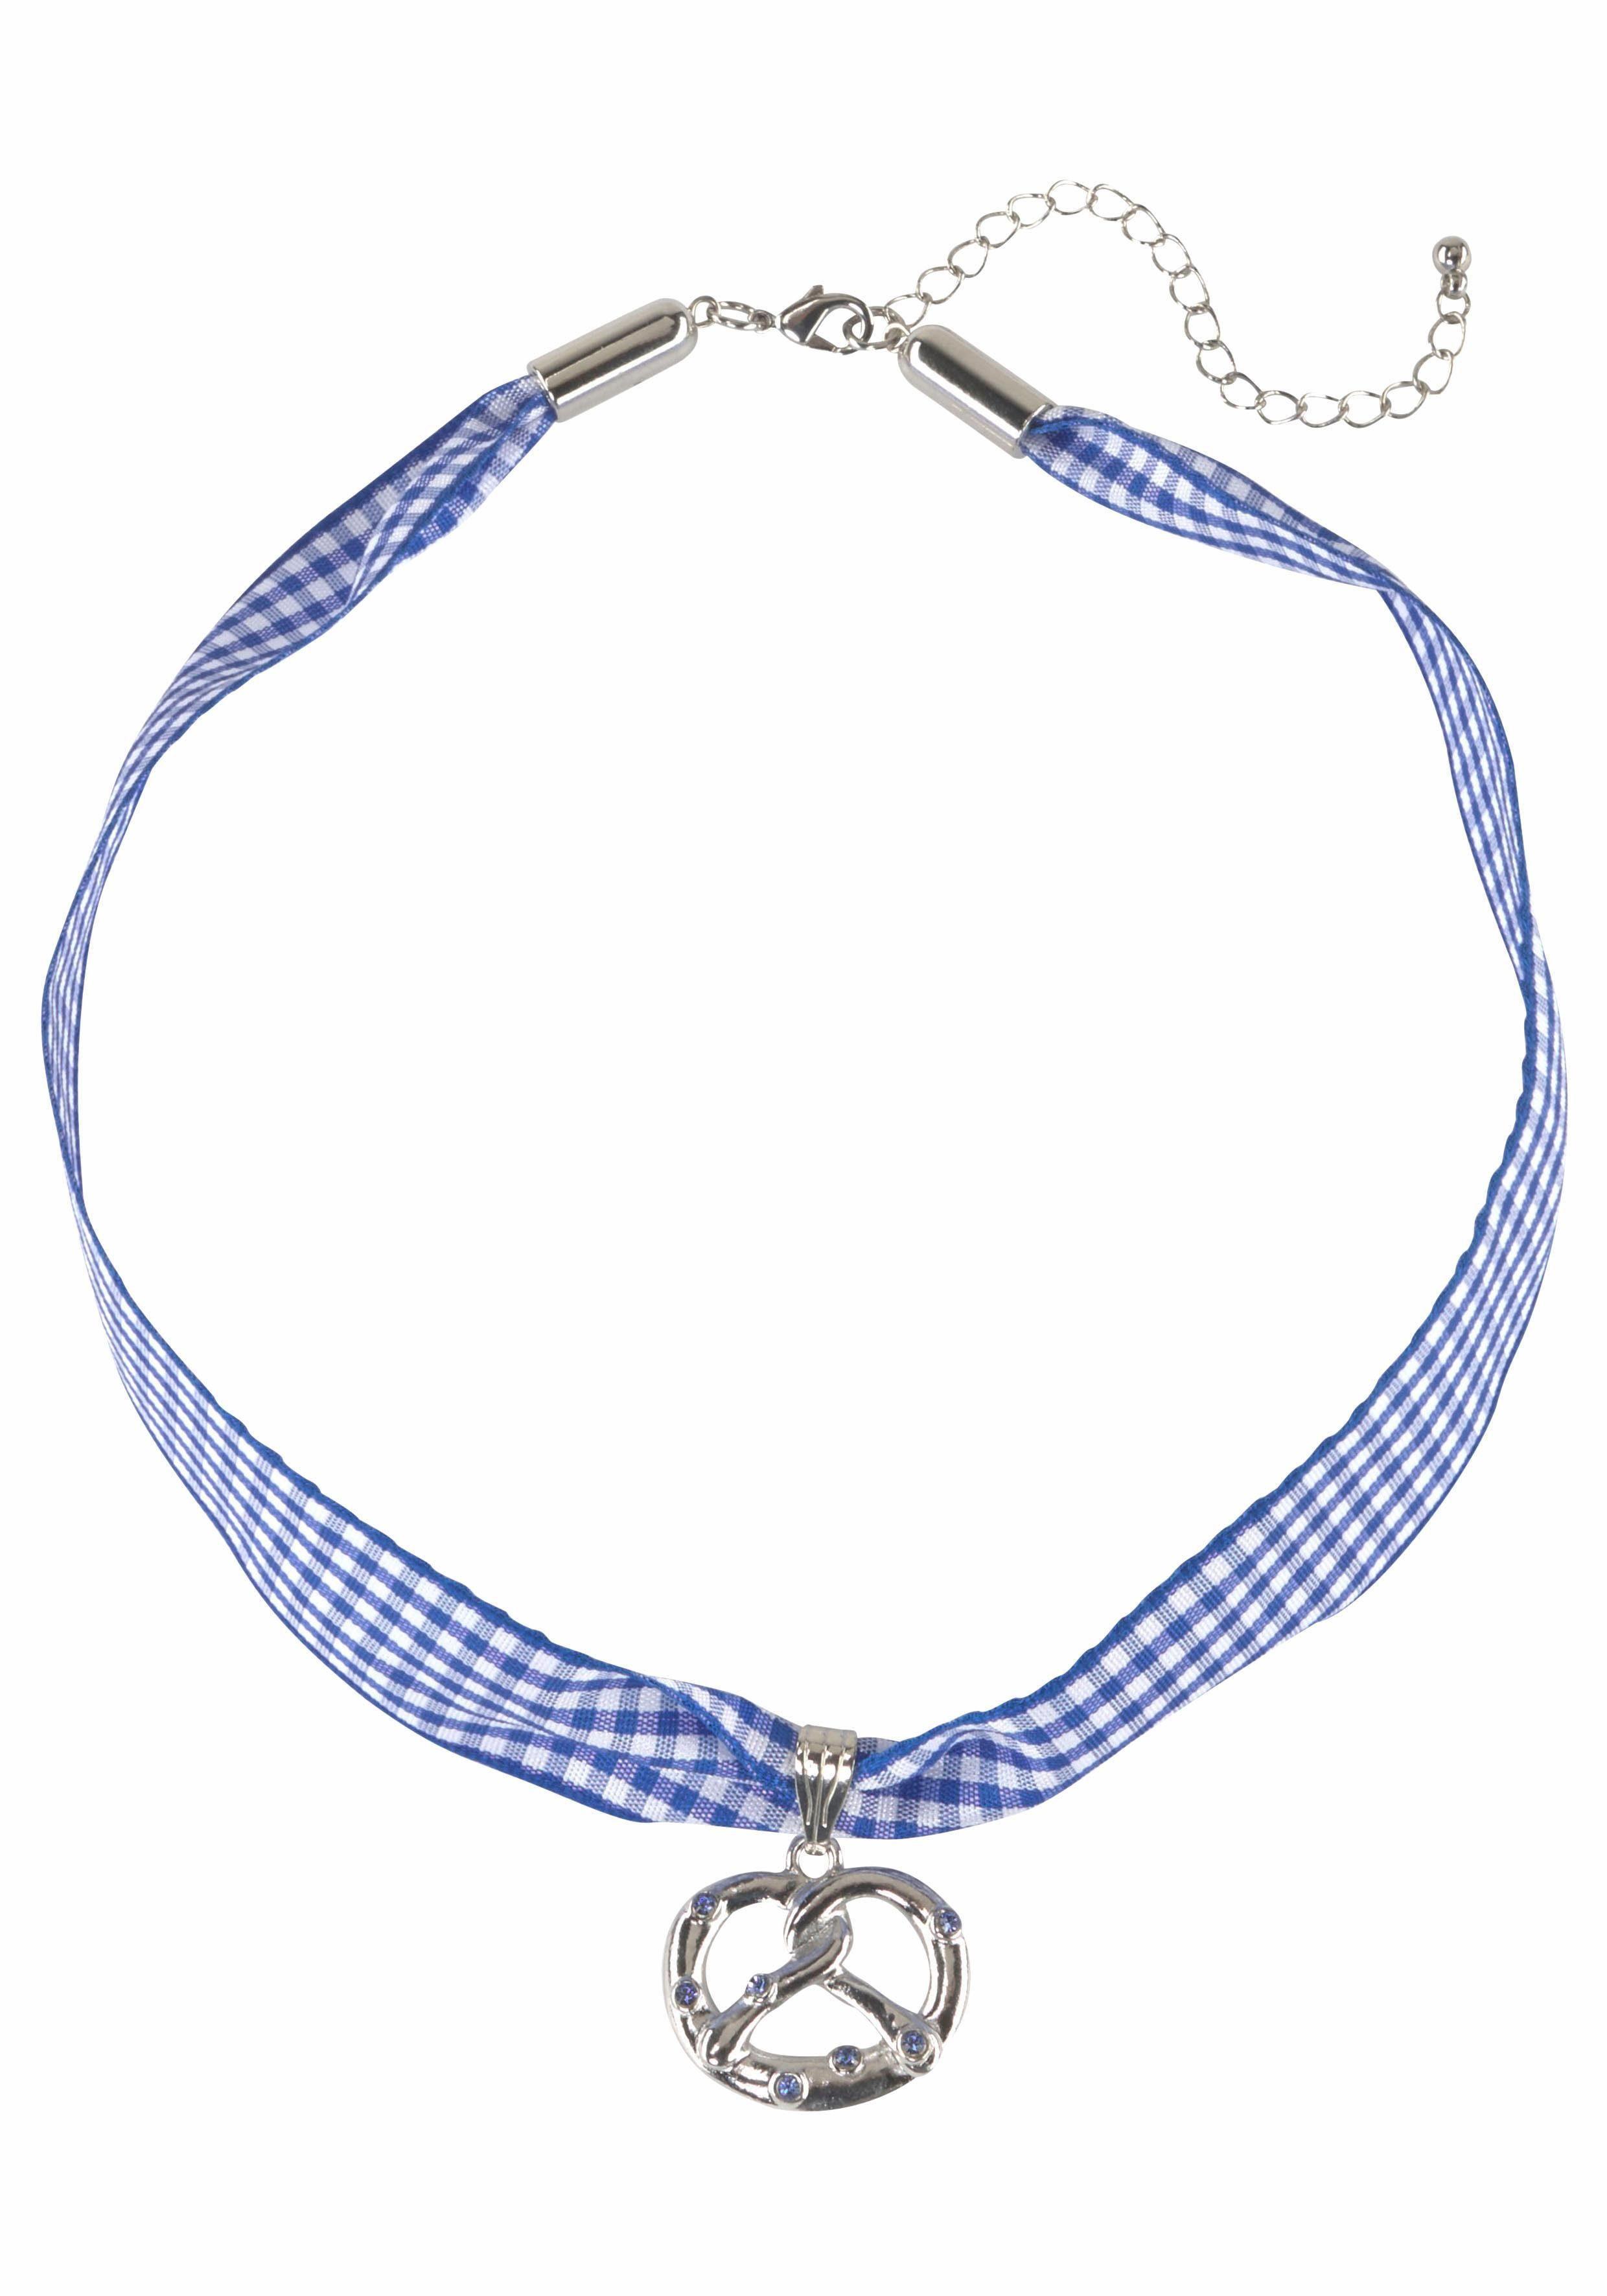 J.Jayz Halsband mit Brezel, Wiesn, Trachten